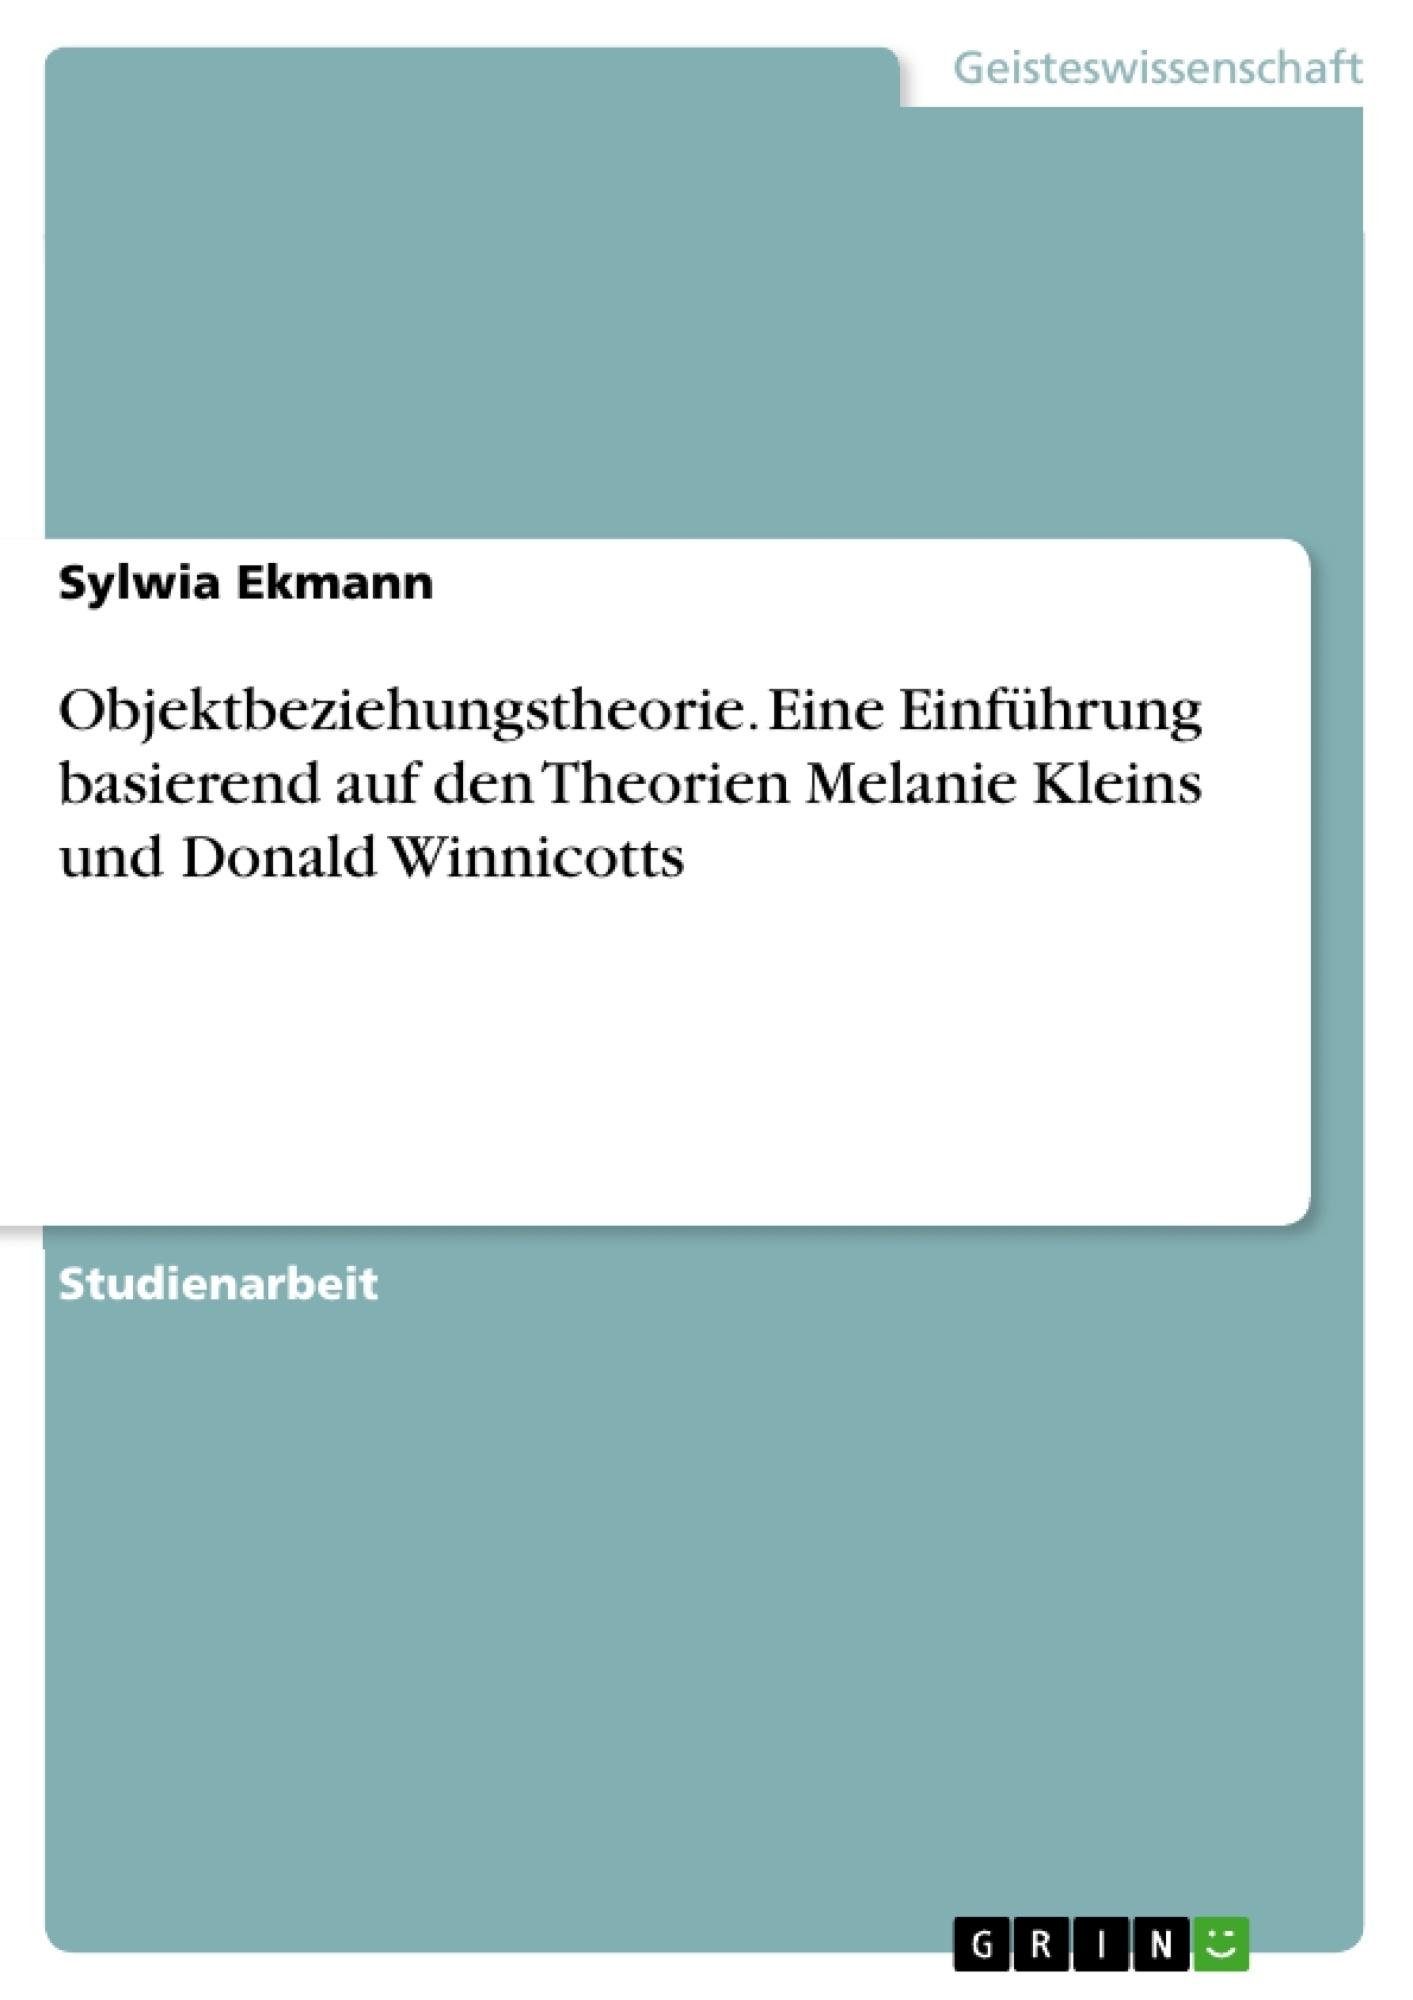 Titel: Objektbeziehungstheorie. Eine Einführung basierend auf den Theorien Melanie Kleins und Donald Winnicotts